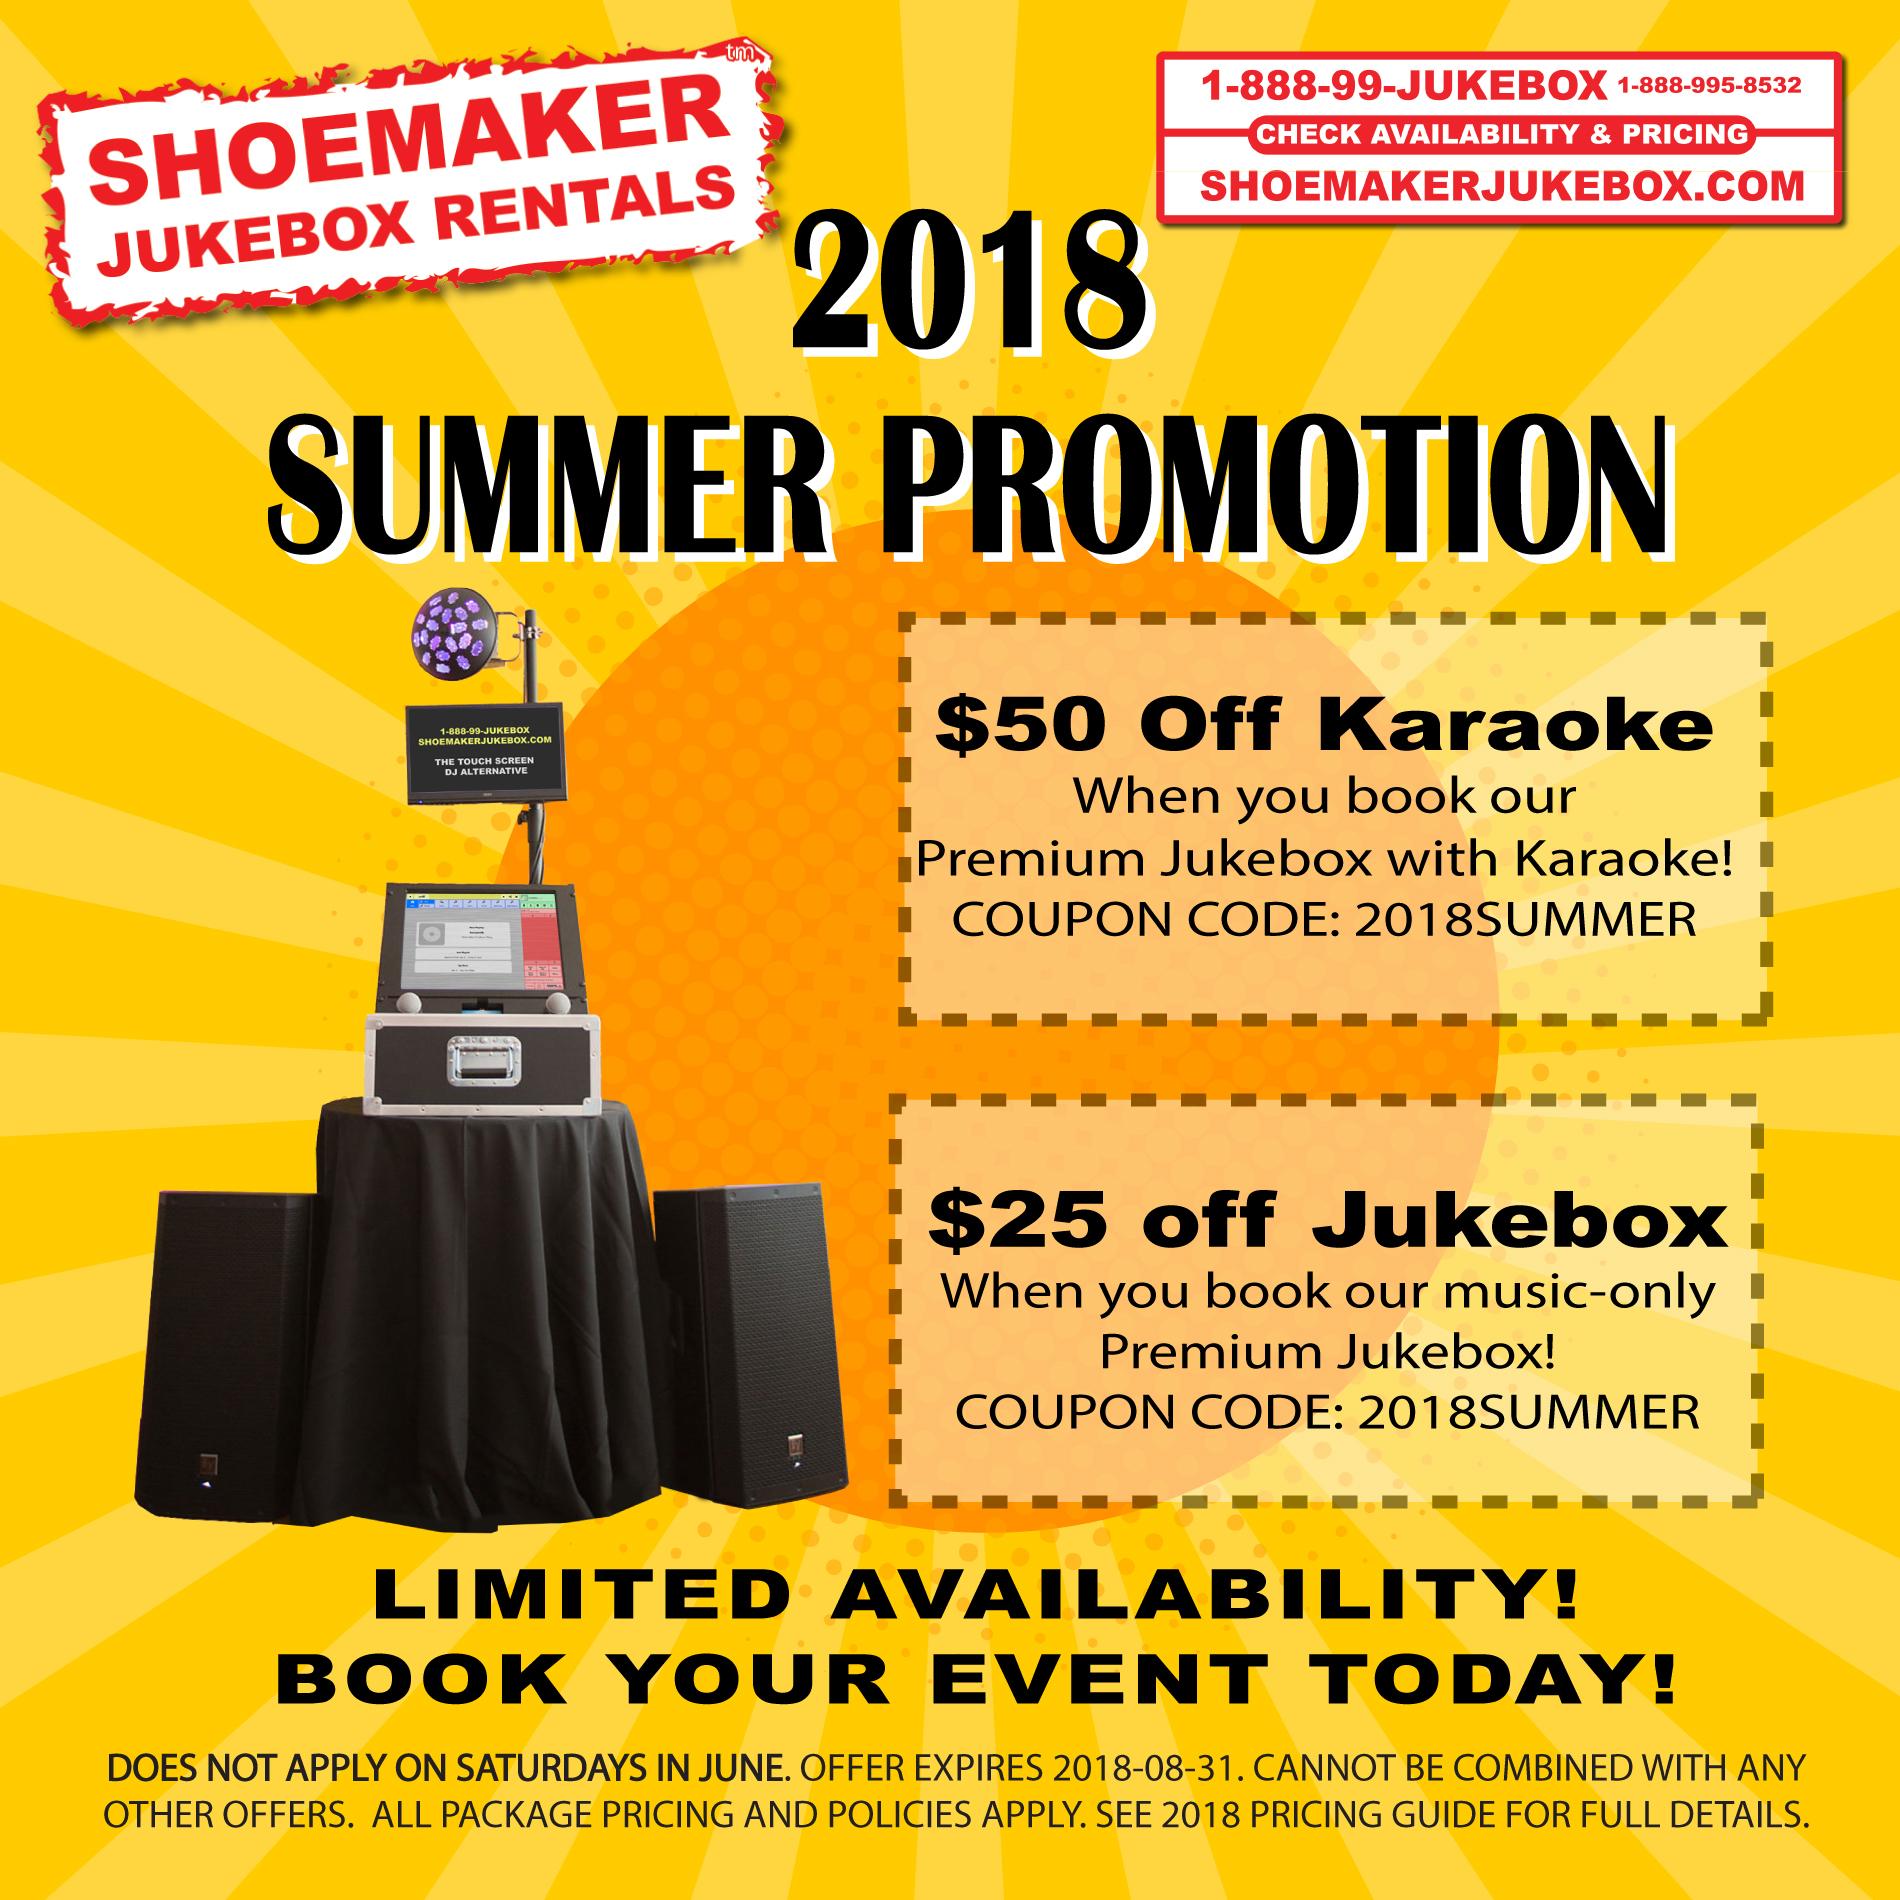 Apartment Rental Prices: Jukebox Rental Prices And Karaoke Machine Rental Prices